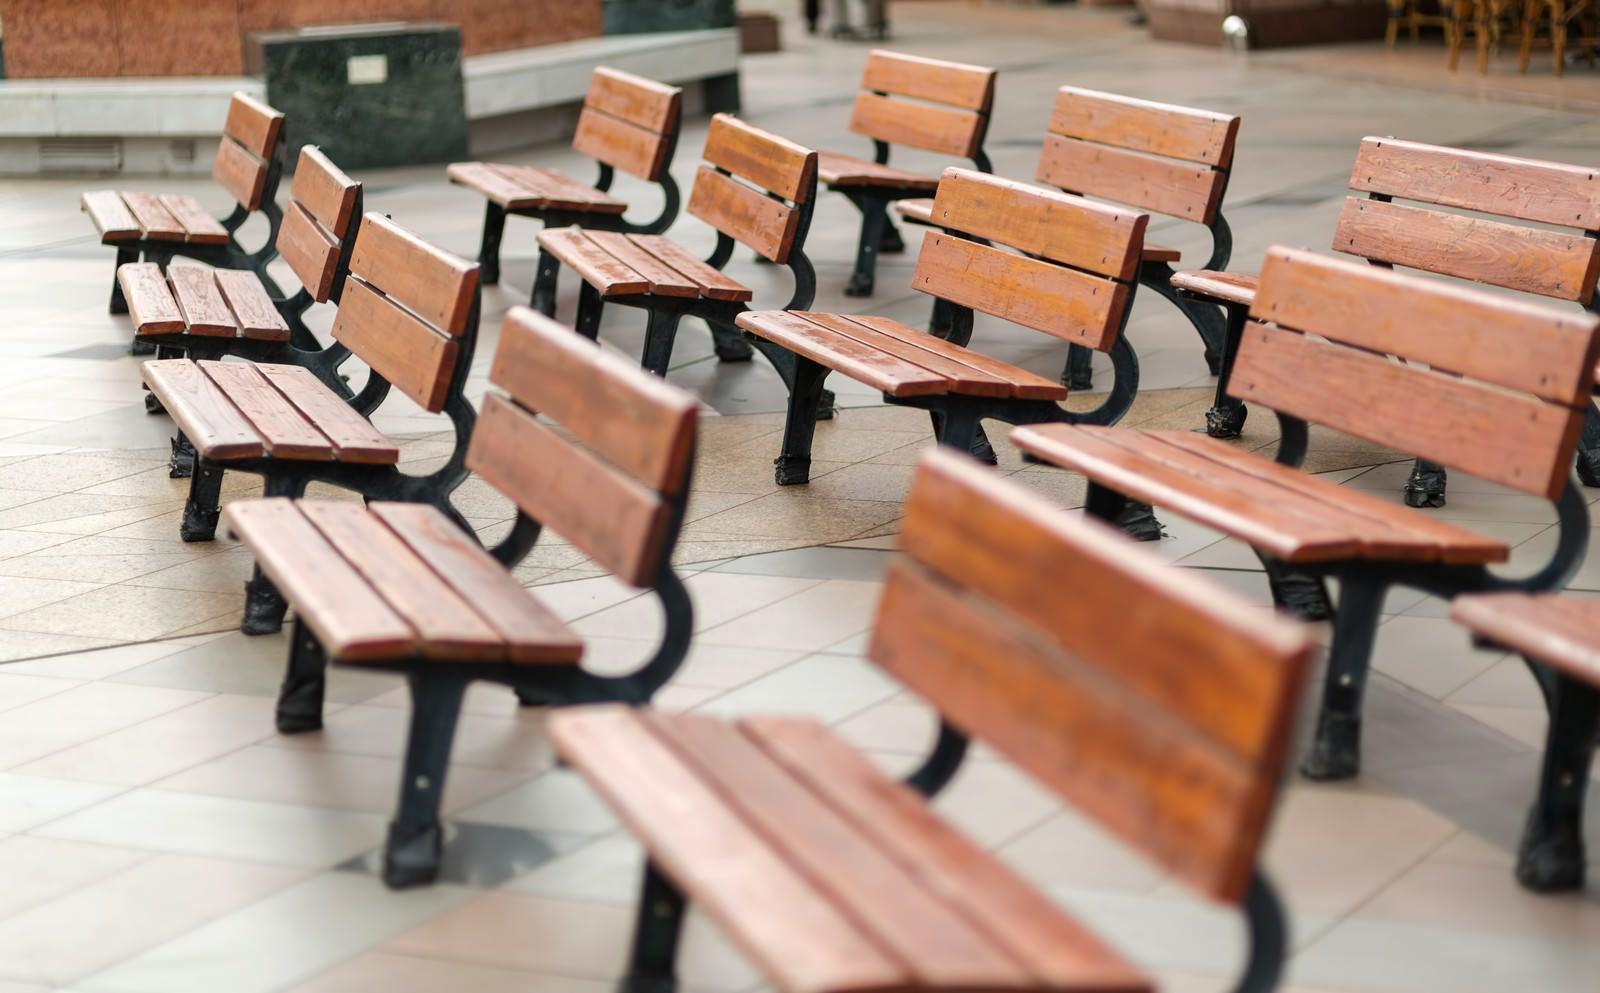 「並んだベンチ」の写真